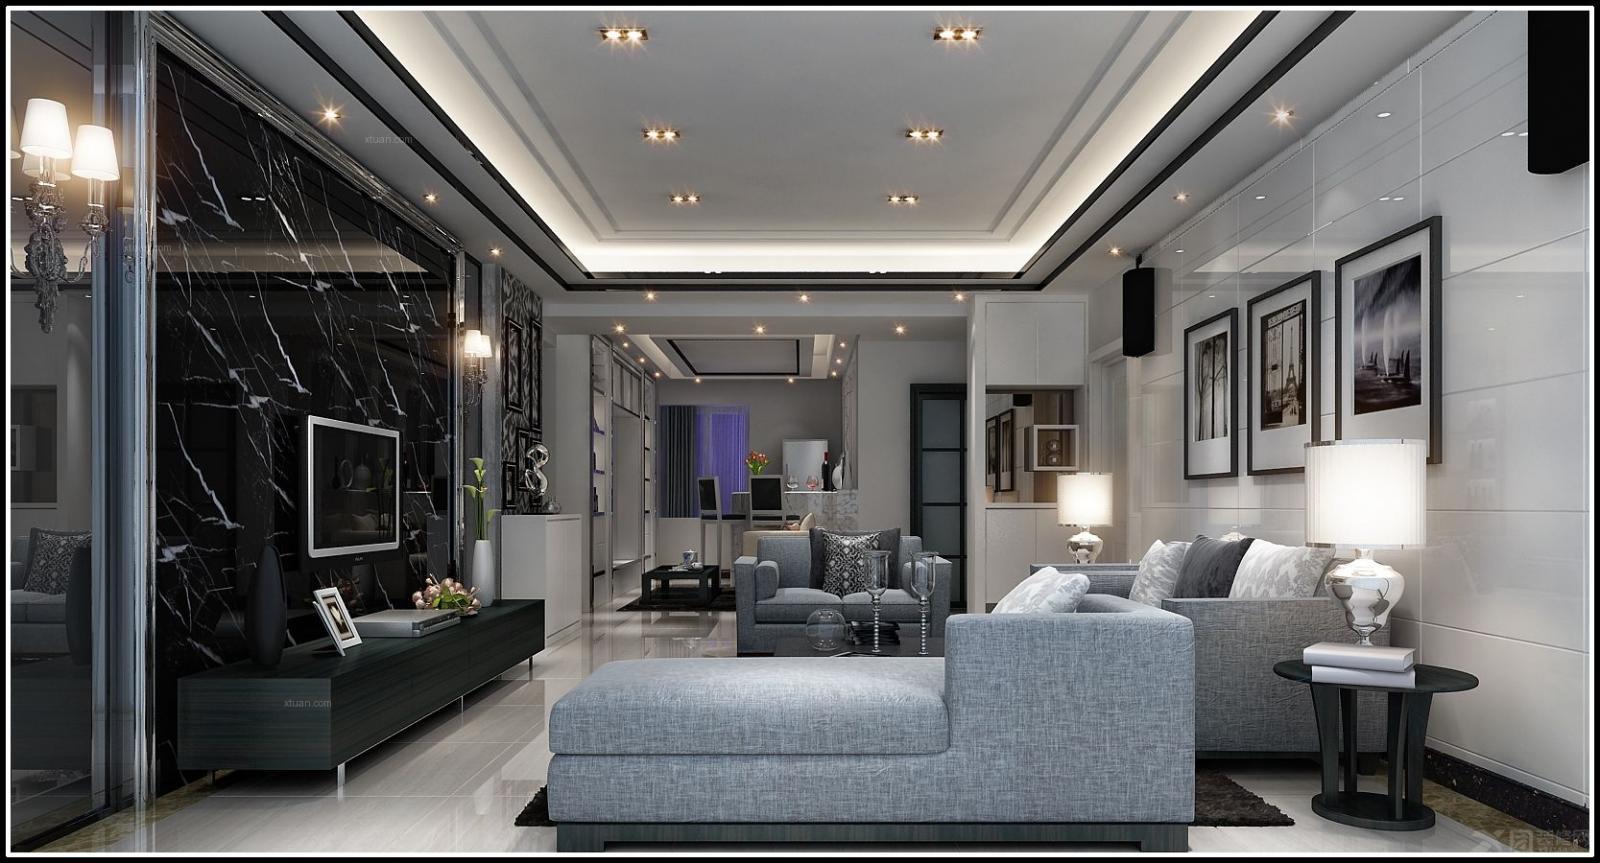 三室一厅现代风格_东坑皇家公馆装修效果图-x团装修网